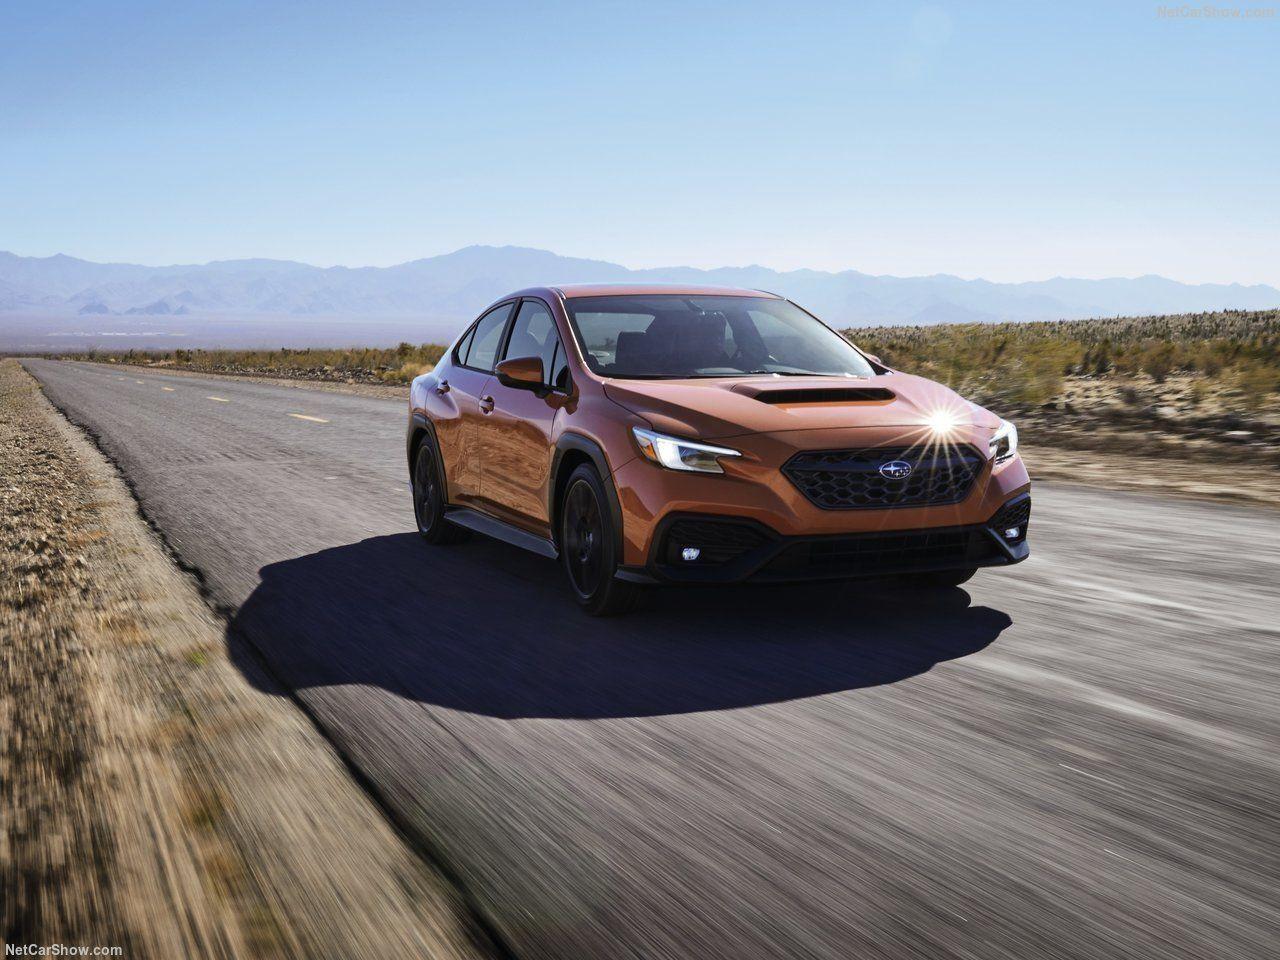 Subaru WRX yeniden doğuyor! İşte karşınızda 2022 model Subaru WRX - Resim: 4